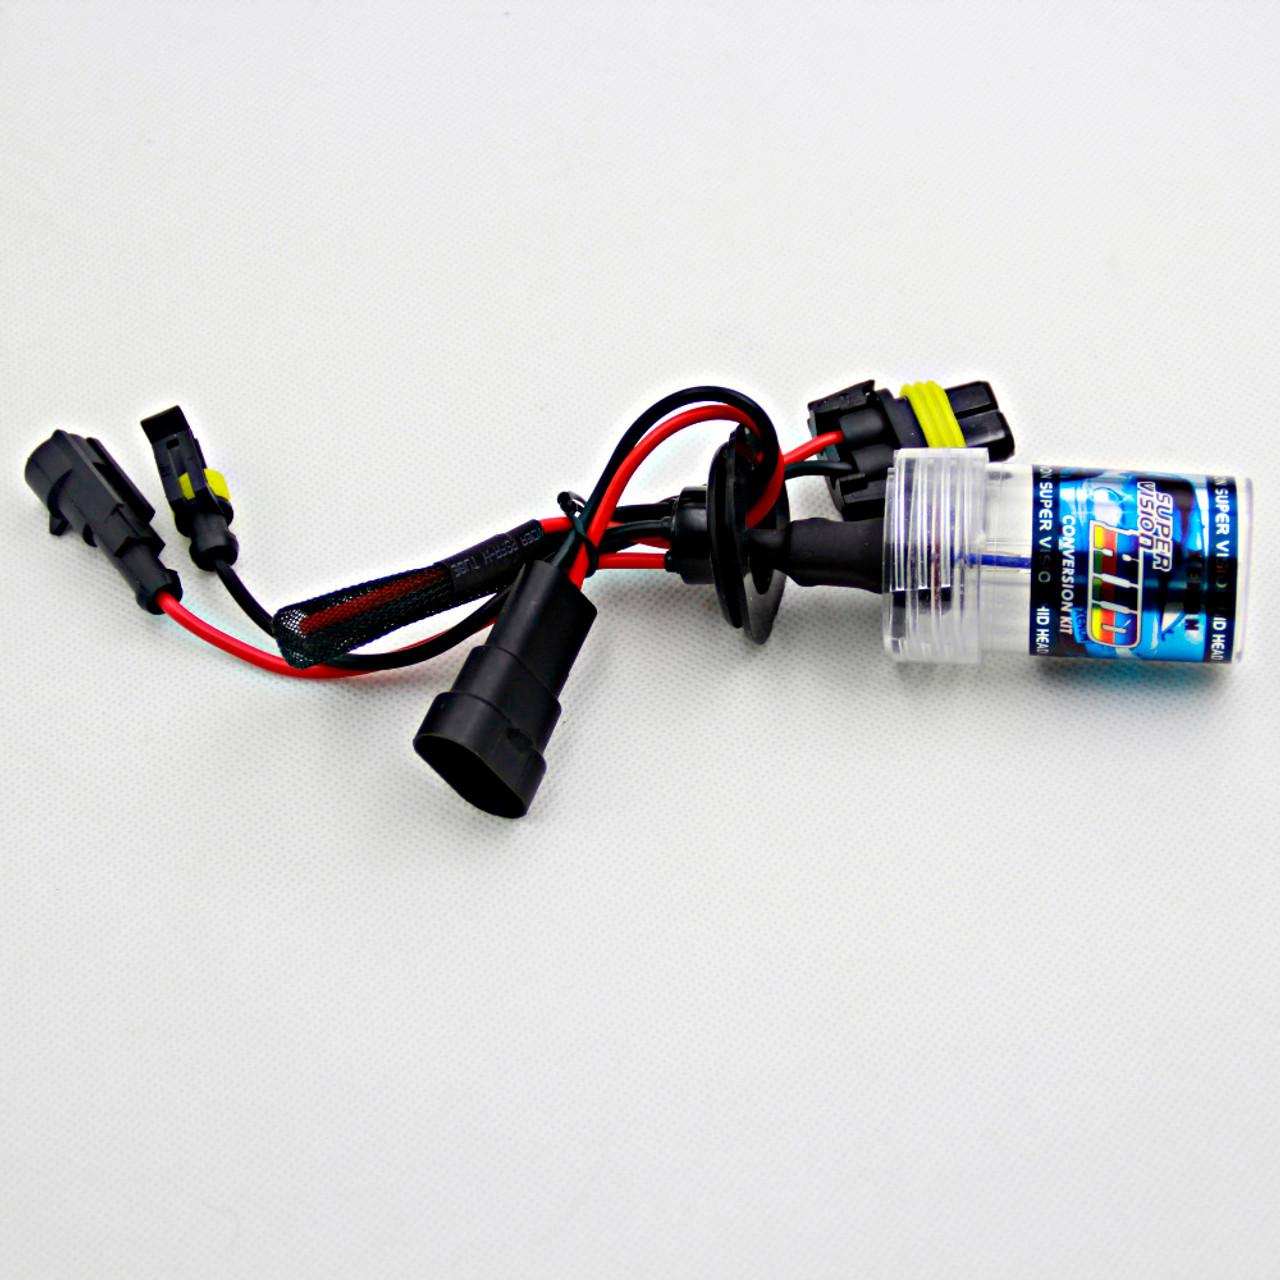 crossfox 2pcs 55w xenon h1 h7 h11 h3 h13 9005 9006 9004 9007 880 headlight bulb  [ 1000 x 1000 Pixel ]